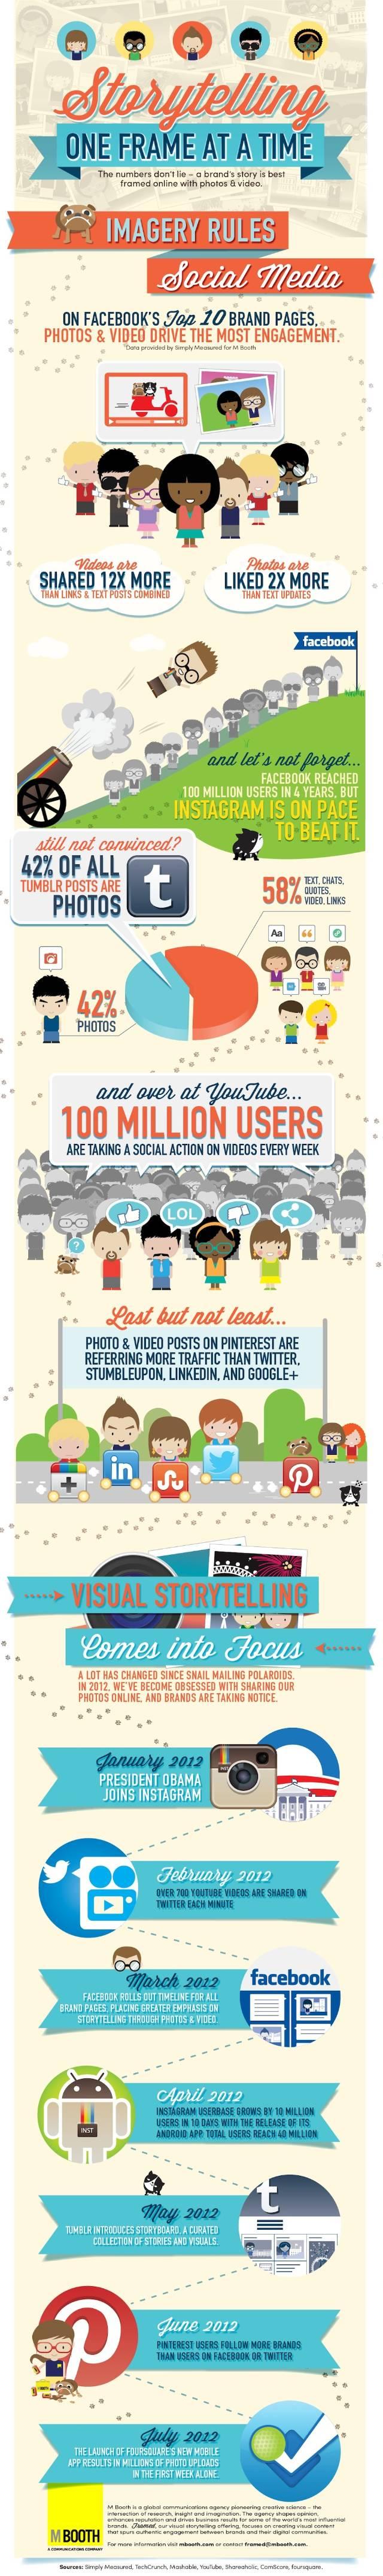 ¿Cual es el contenido que mejor funciona en las Redes Sociales?